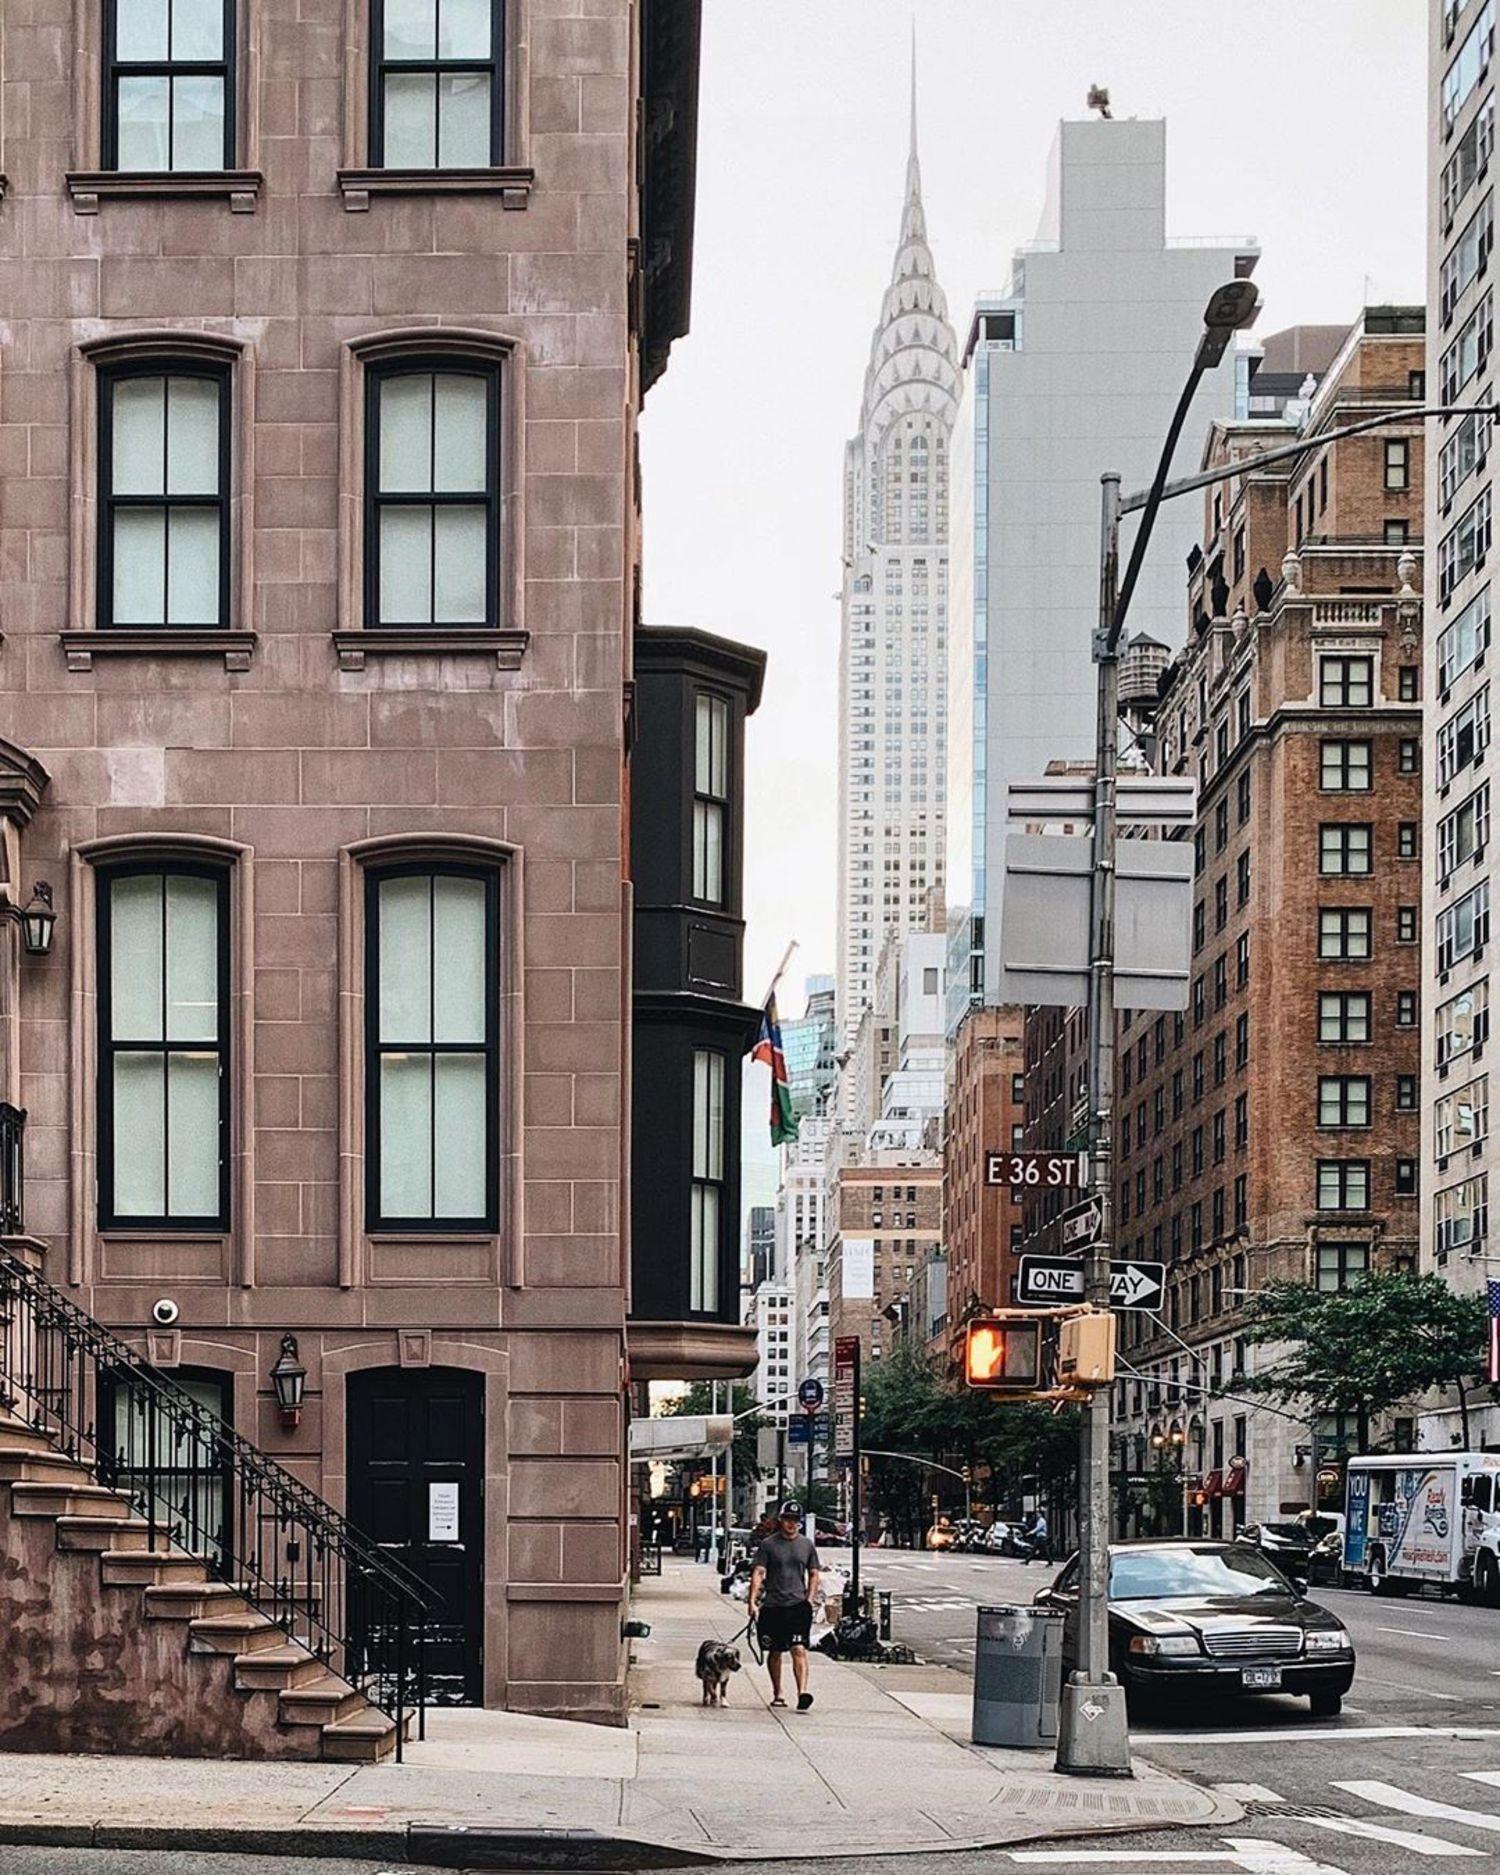 36th and Lexington, Murray Hill, Manhattan